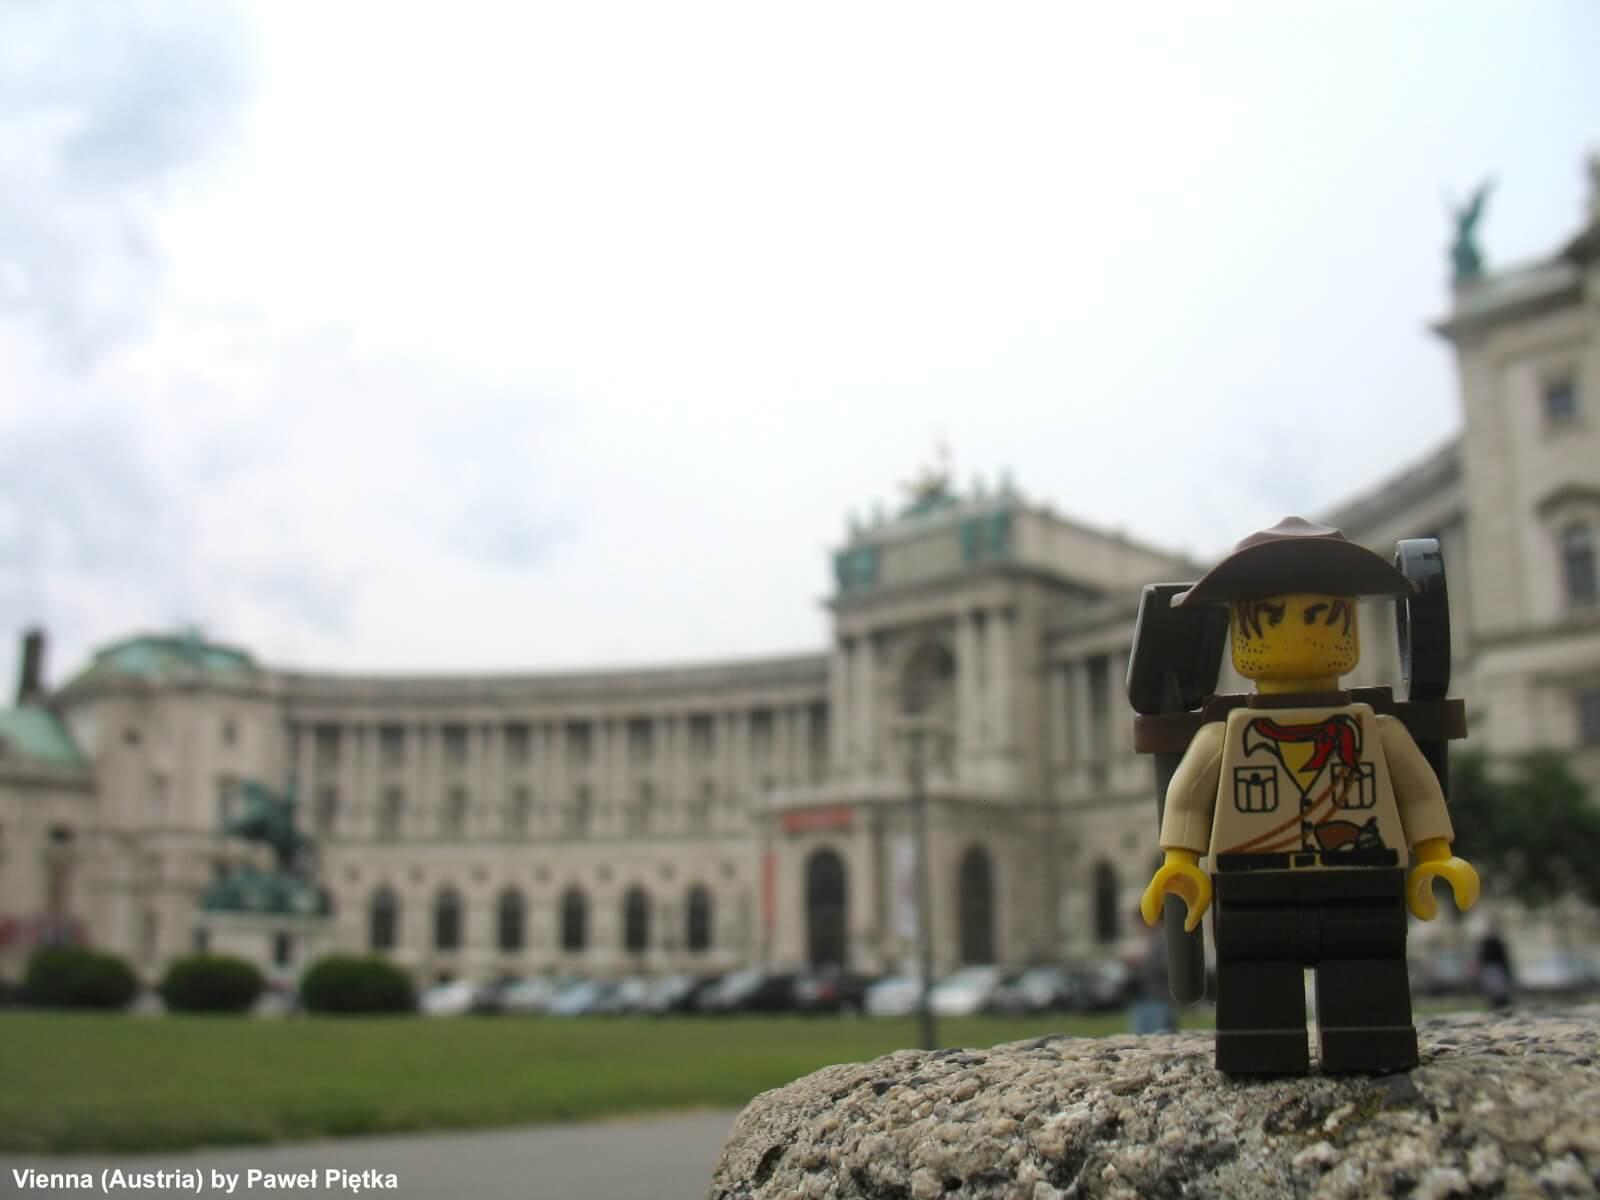 Vienna (Austria) - Hofburg Palace